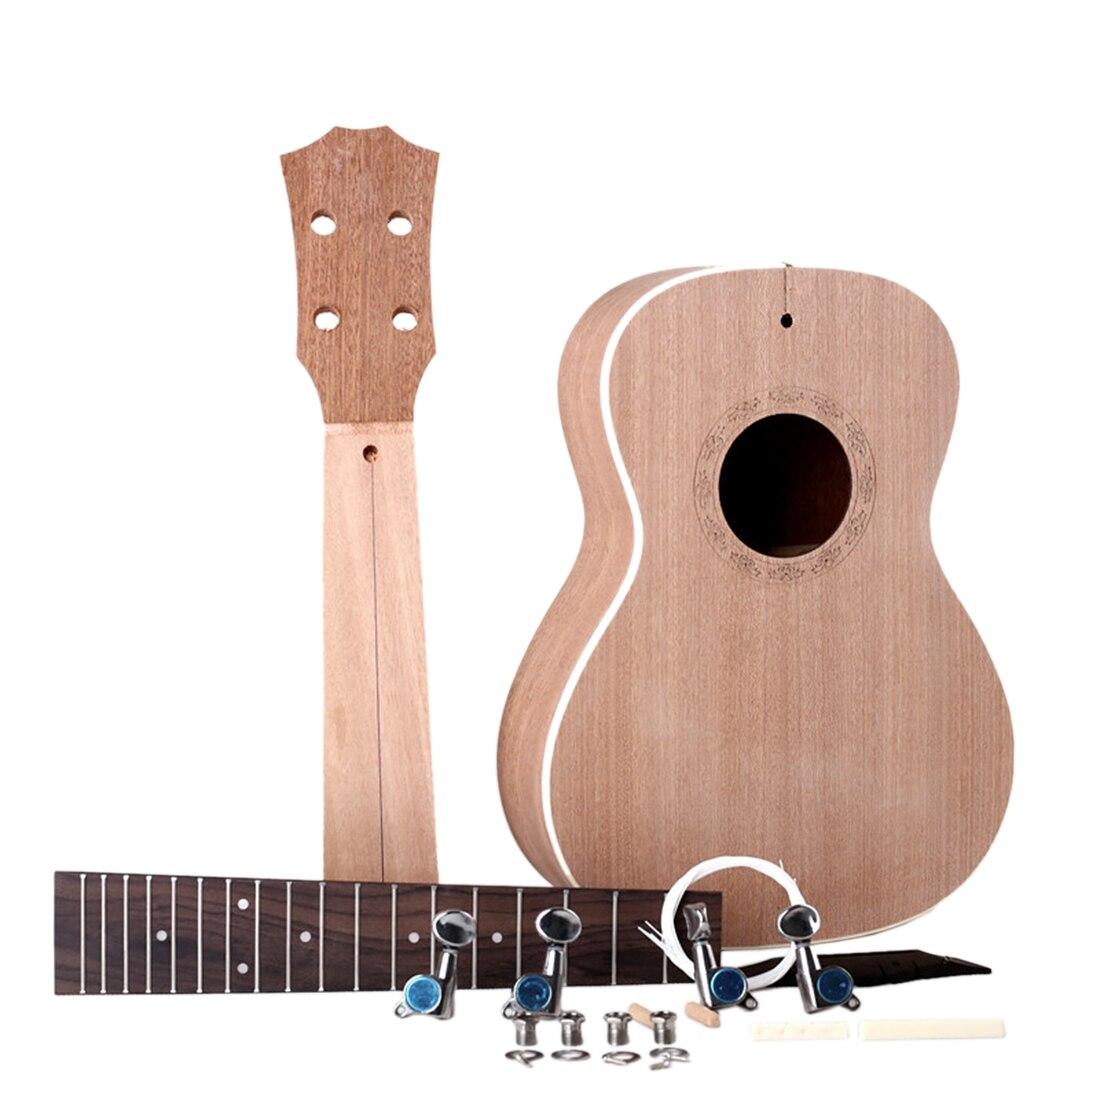 23 pouces bricolage acajou classique ukulélé Instruments de musique éducatifs Instrument de musique jouet pour enfants enfants cadeau de noël